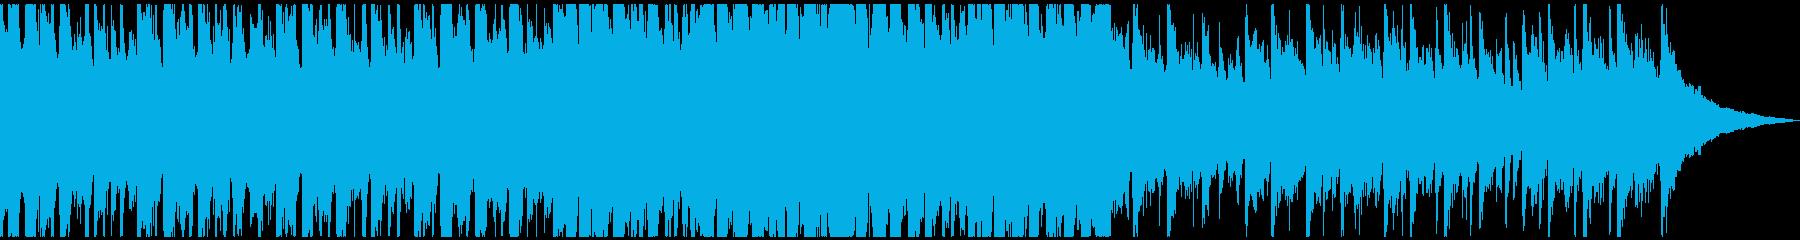 企業VPに明るい爽やかギターShort3の再生済みの波形